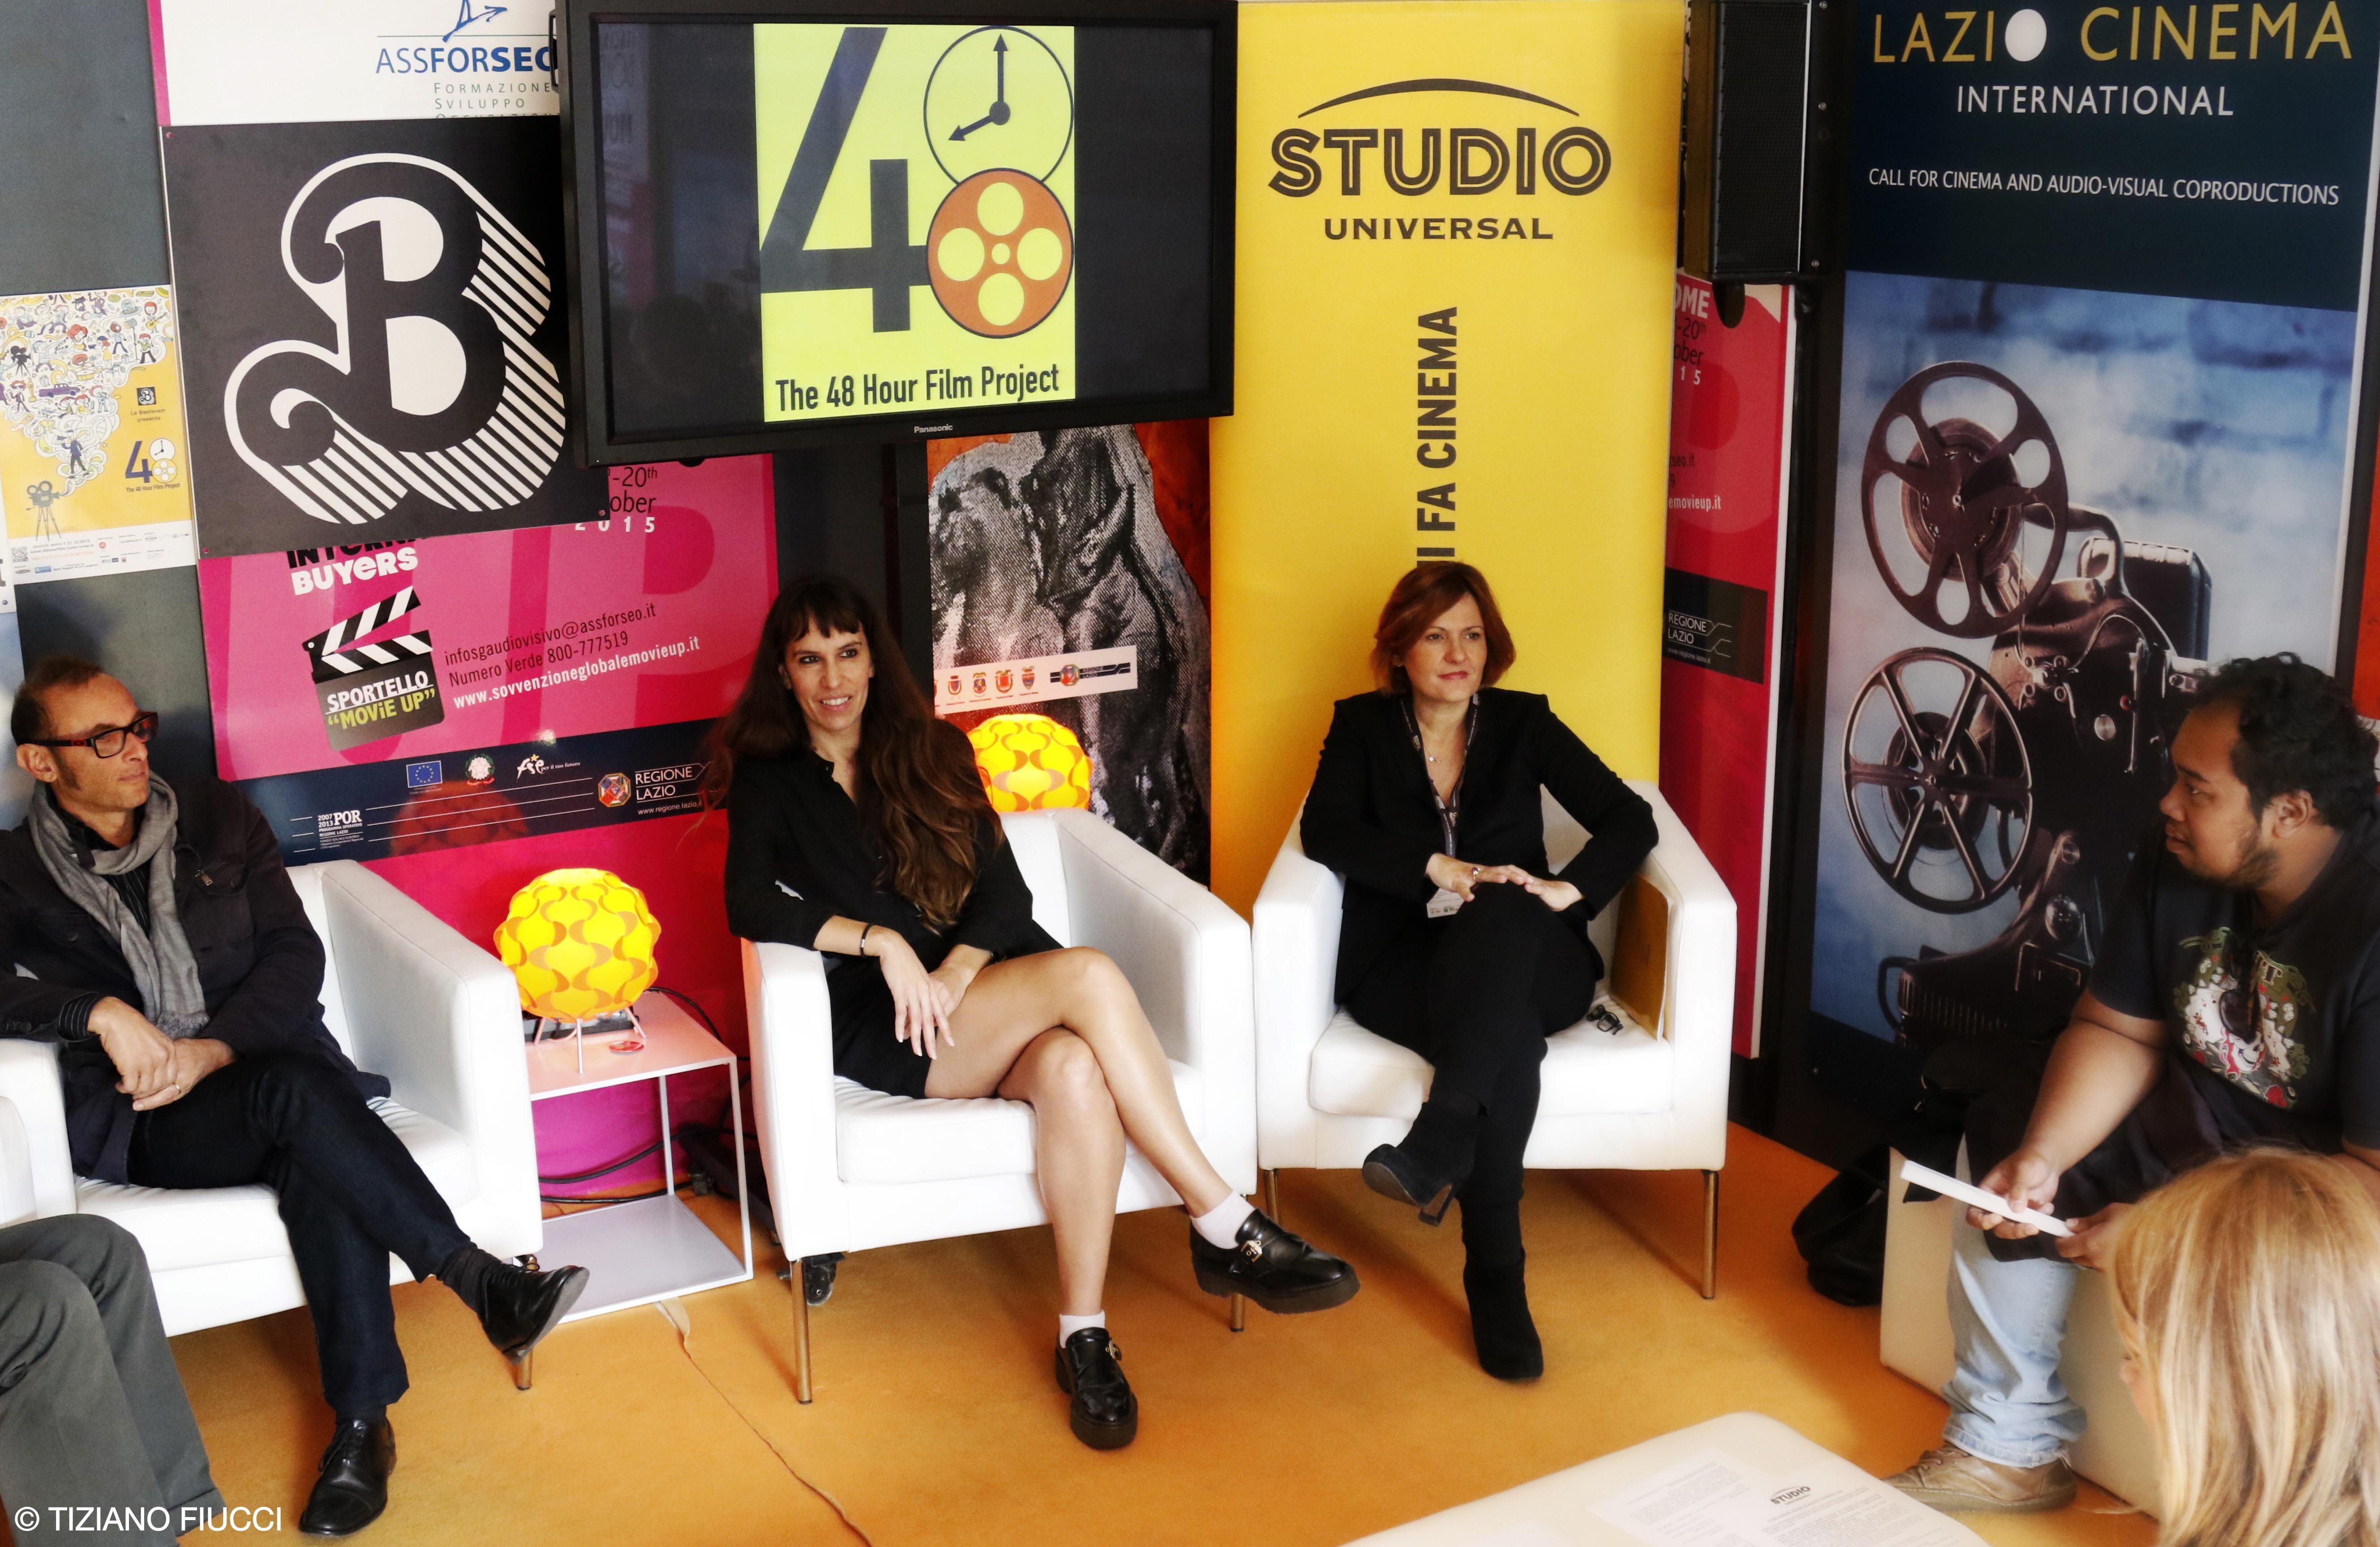 48 Hour Film Project: la presentazione della competizione